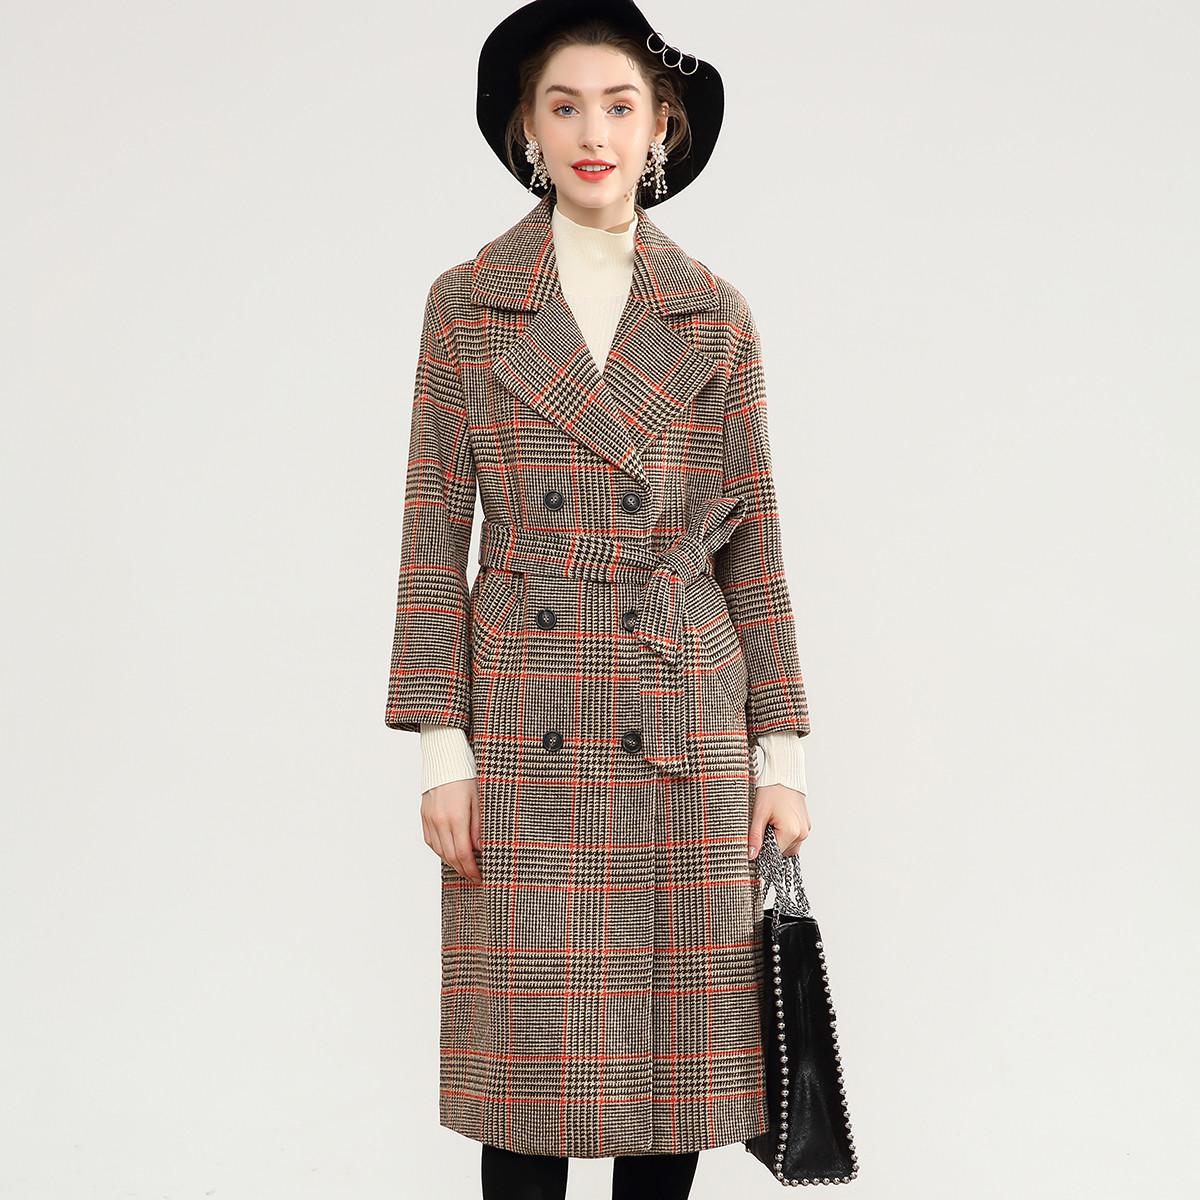 精彩:领先设计淘汰撞衫Gemanting戈蔓婷品牌女装打造出独特美